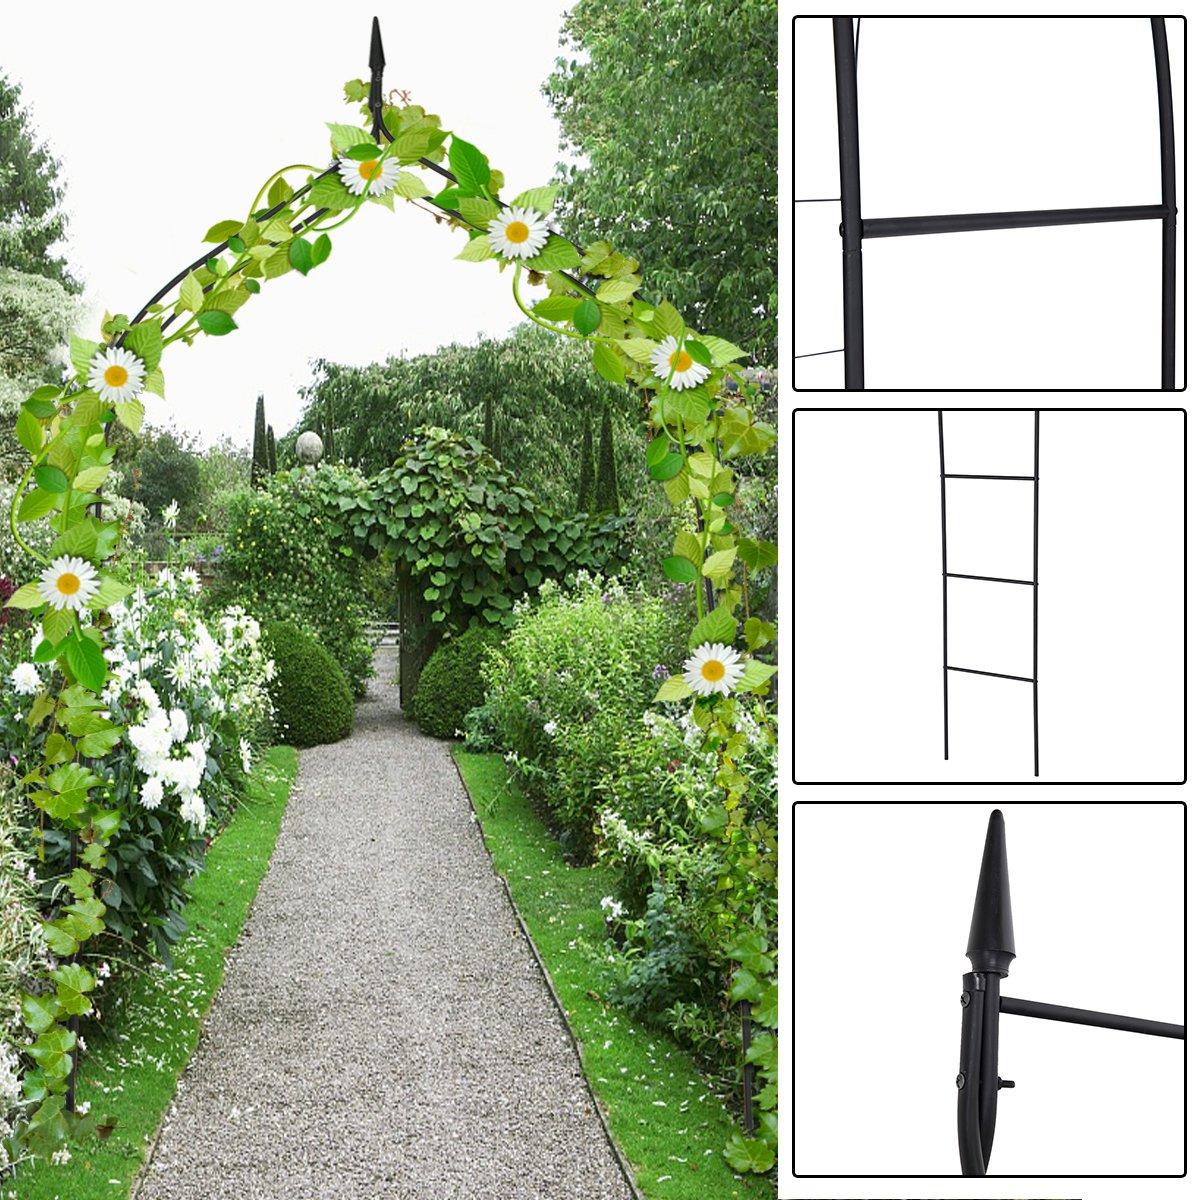 Costway 255CM Outdoor Arch Plants Gothic Arbor Trellis Lawn Path Archway Yard Backyard Garden